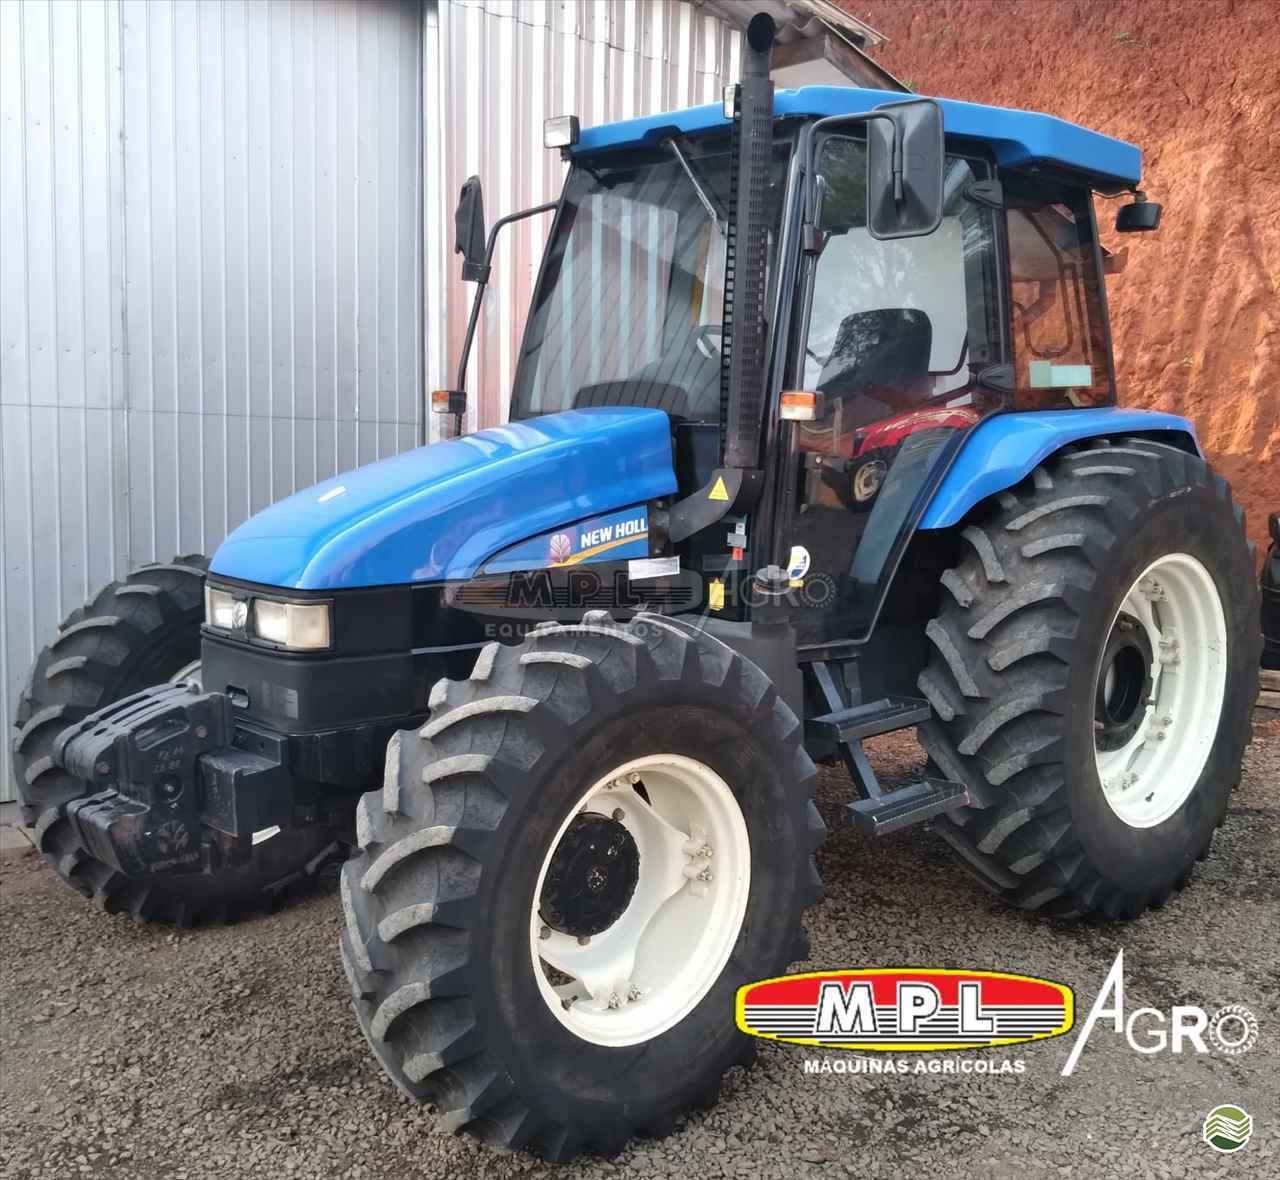 TRATOR NEW HOLLAND NEW TL 95 Tração 4x4 MPL Agro - Máquinas Agrícolas IRATI PARANÁ PR